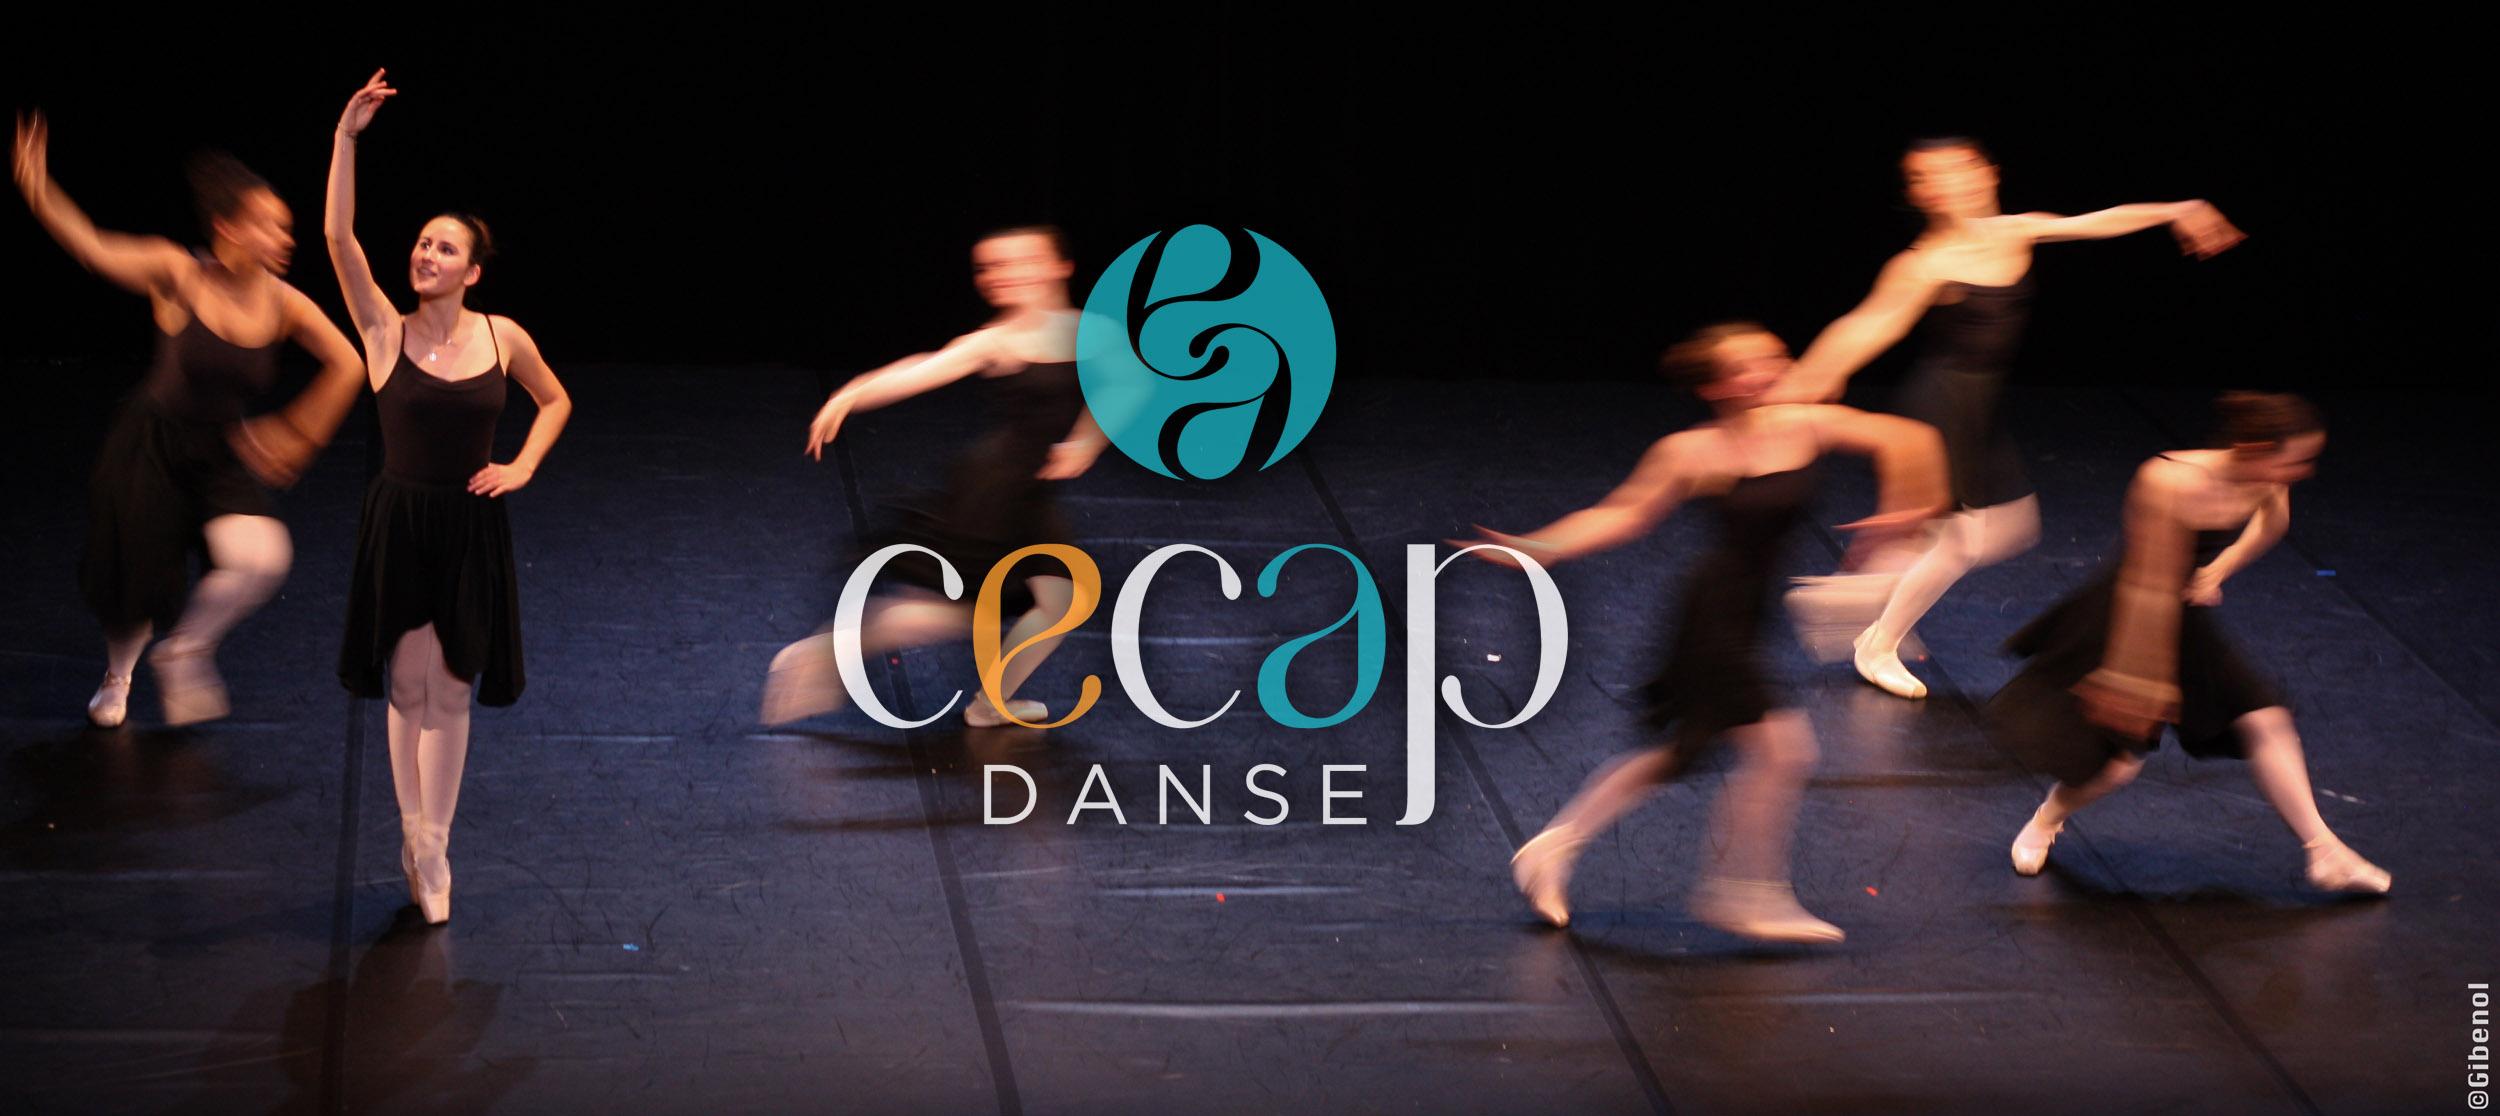 Spectacle de danse du CECAP Lorient - danseuses classiques sur scène